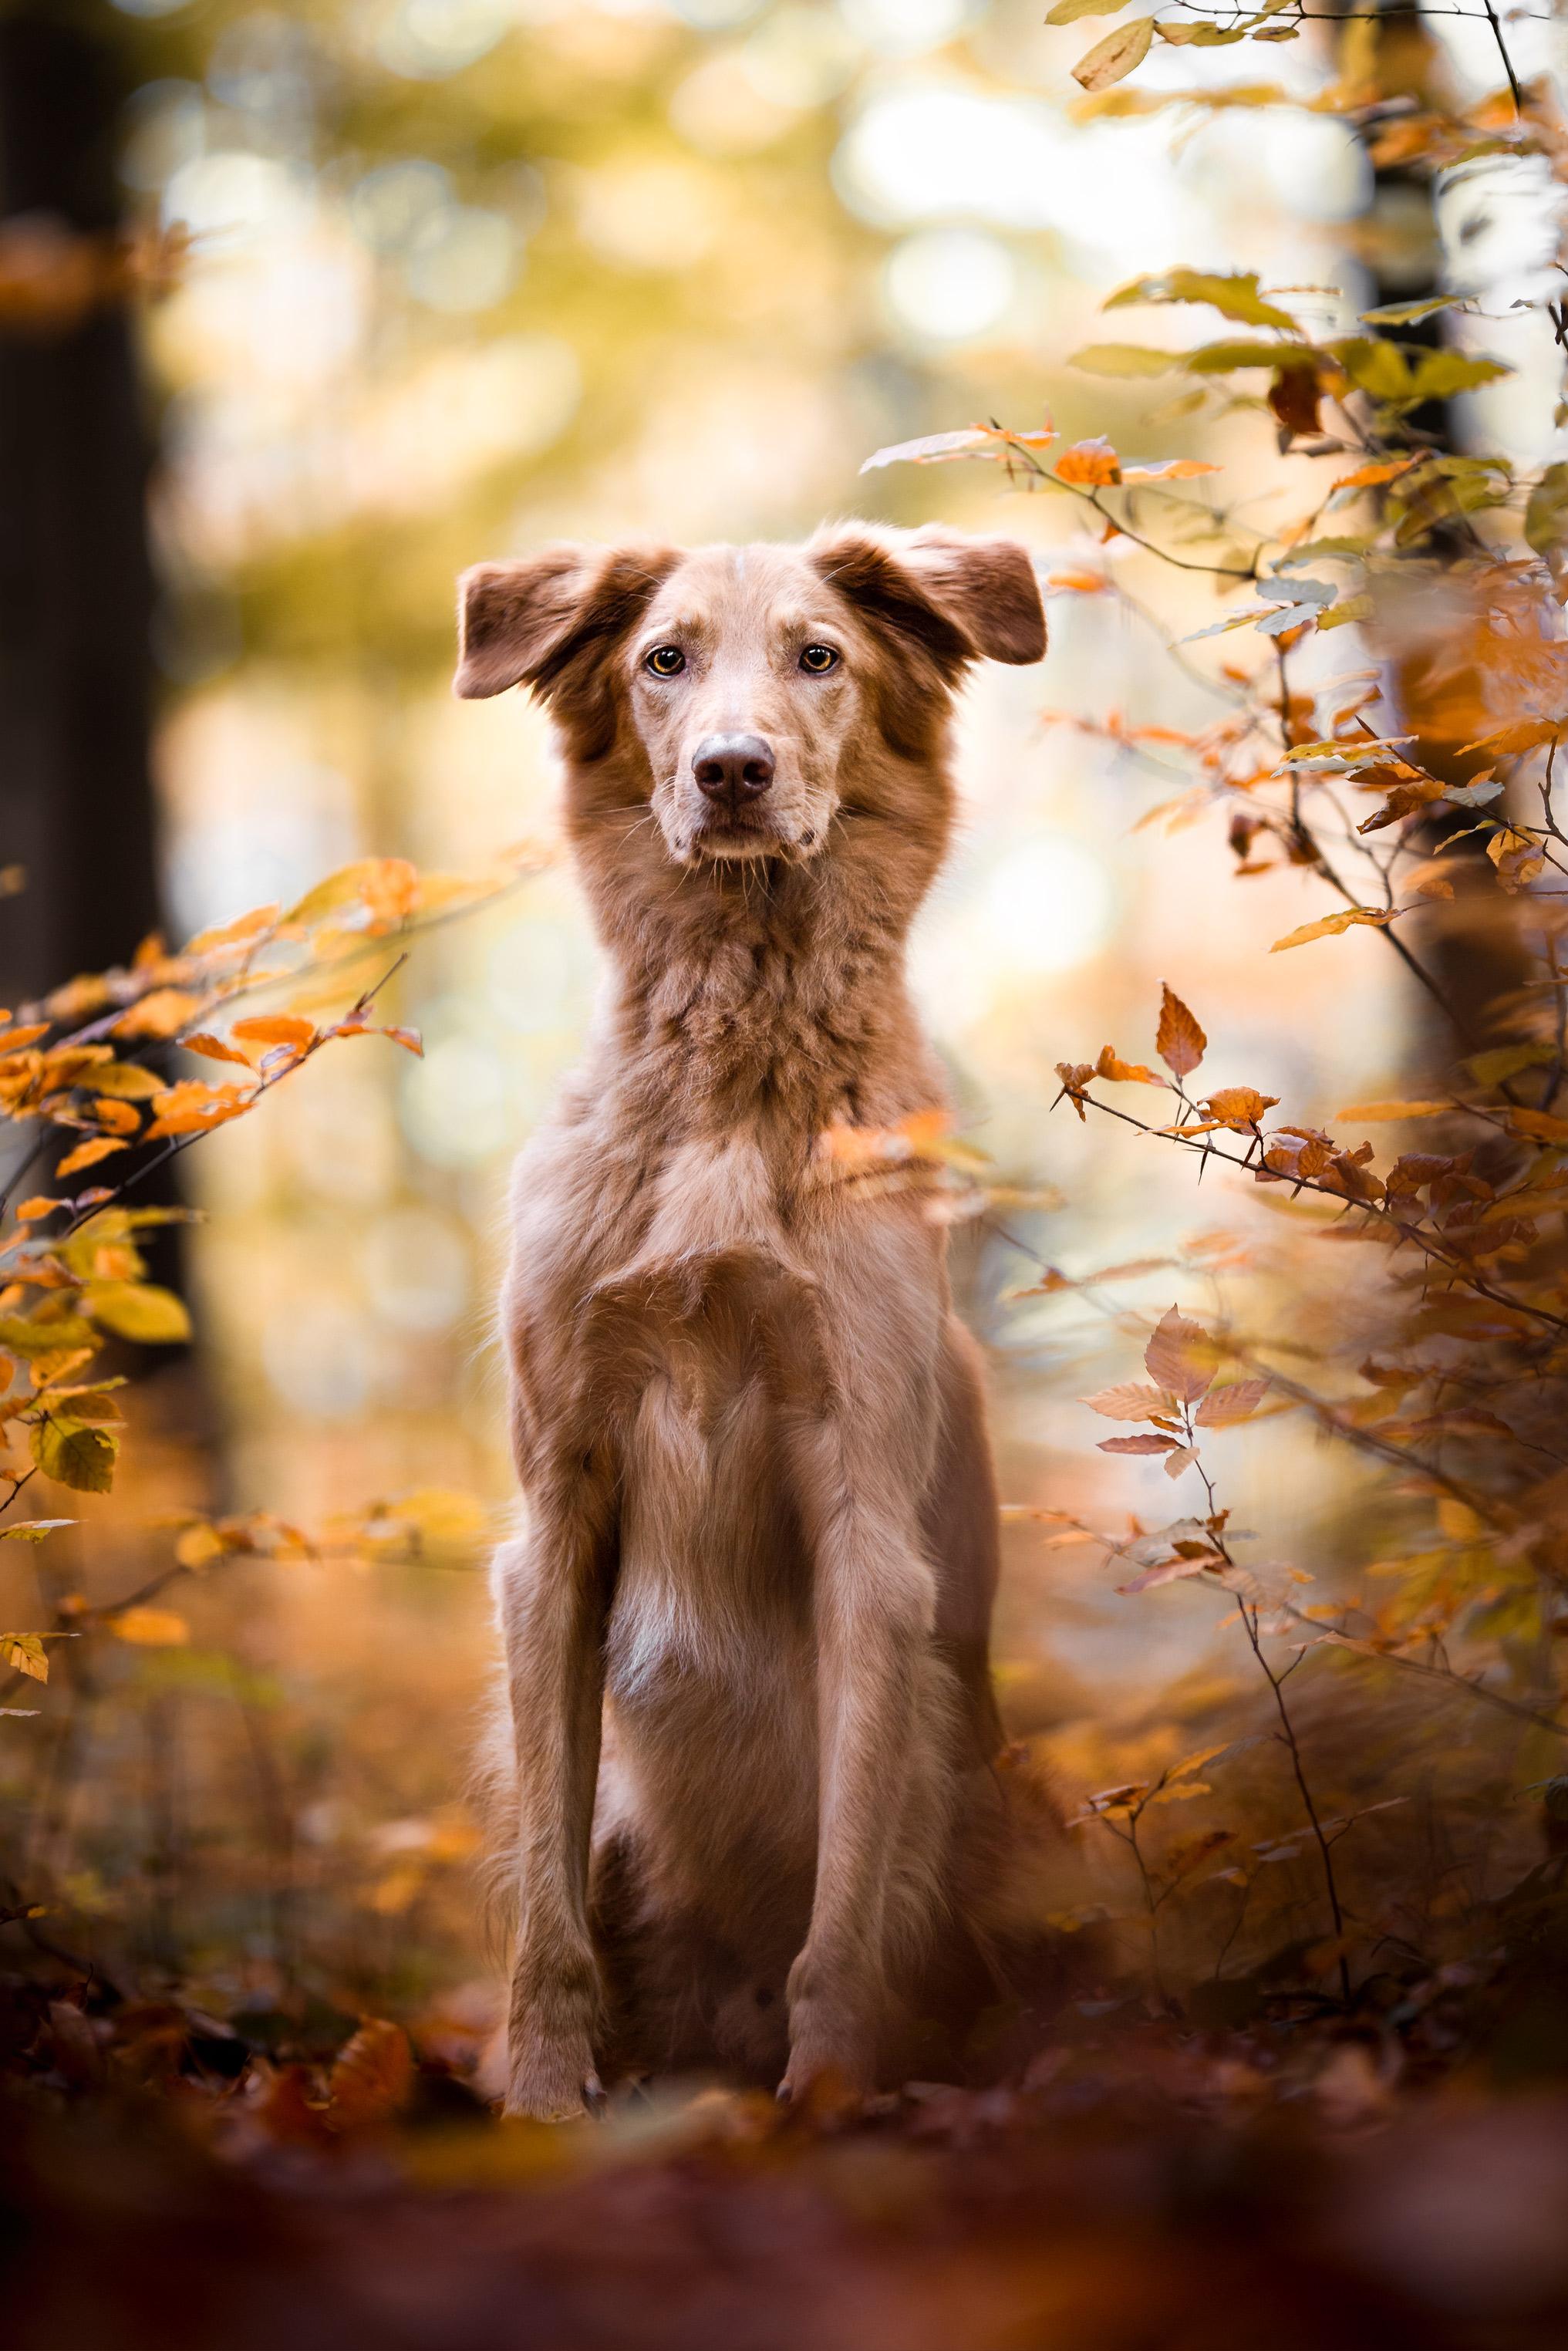 Windhundmischling im bunten Herbstlaub im Wald von Möhlin (Schweiz)